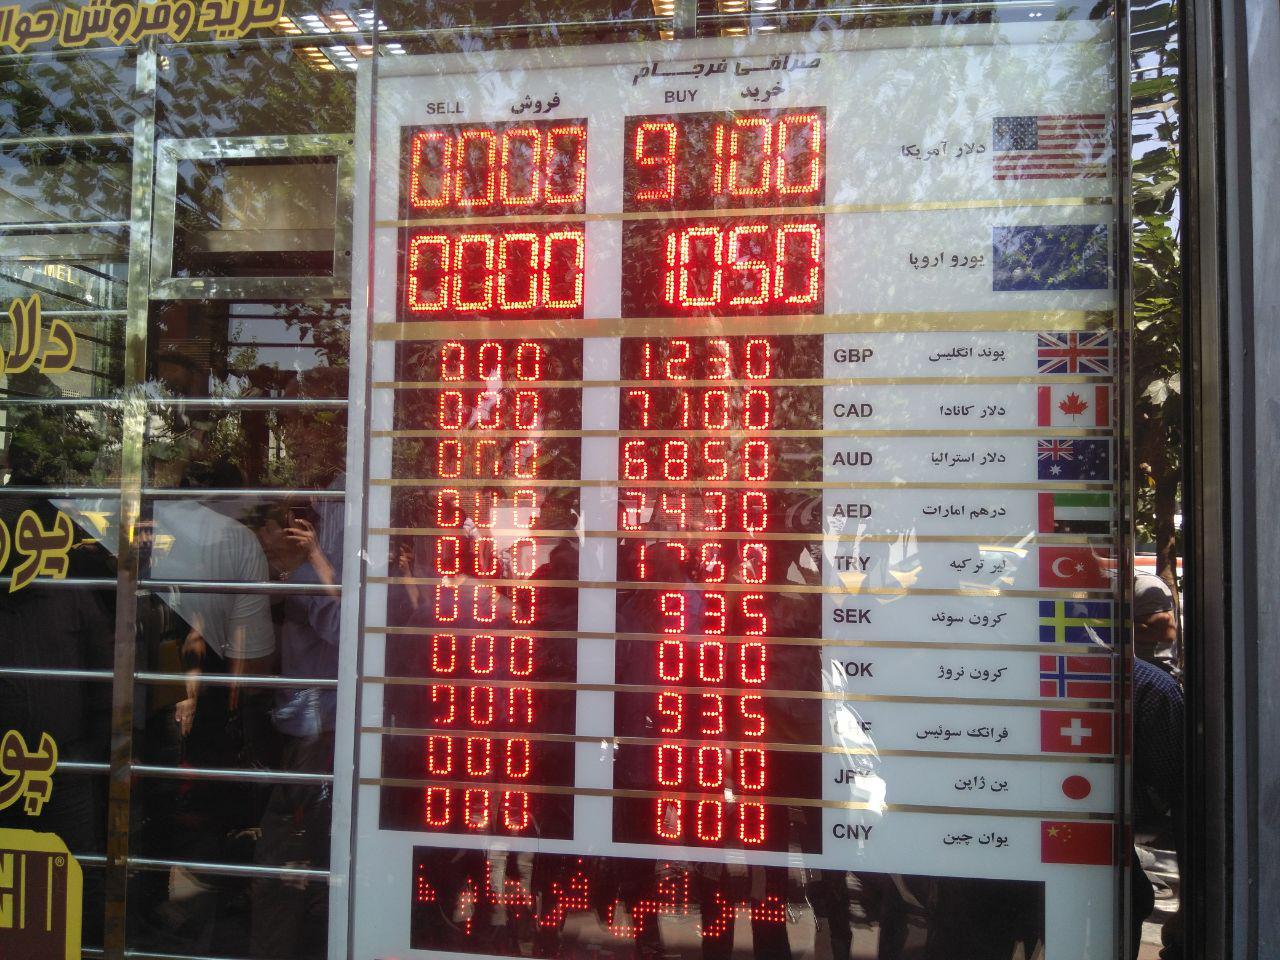 فروش دلار 8800 تومانی از سوی دلالان/ سکه به ۳ میلیون تومان کاهش یافت